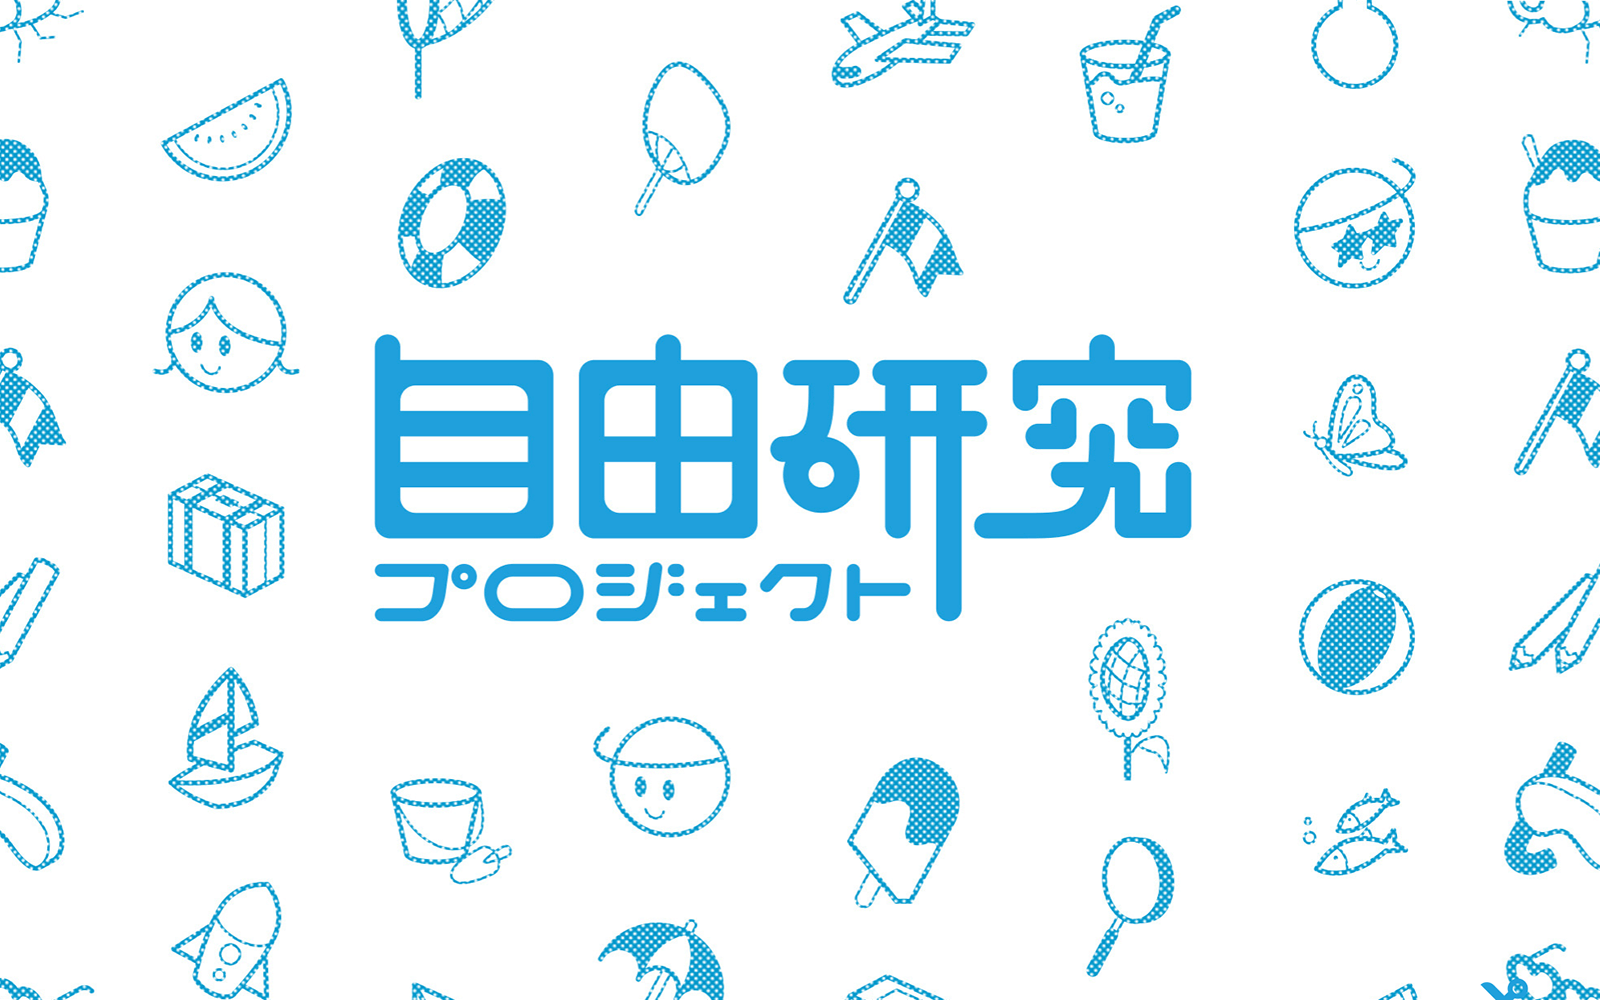 学研キッズネット「夏休み!自由研究プロジェクト」WEBサイト